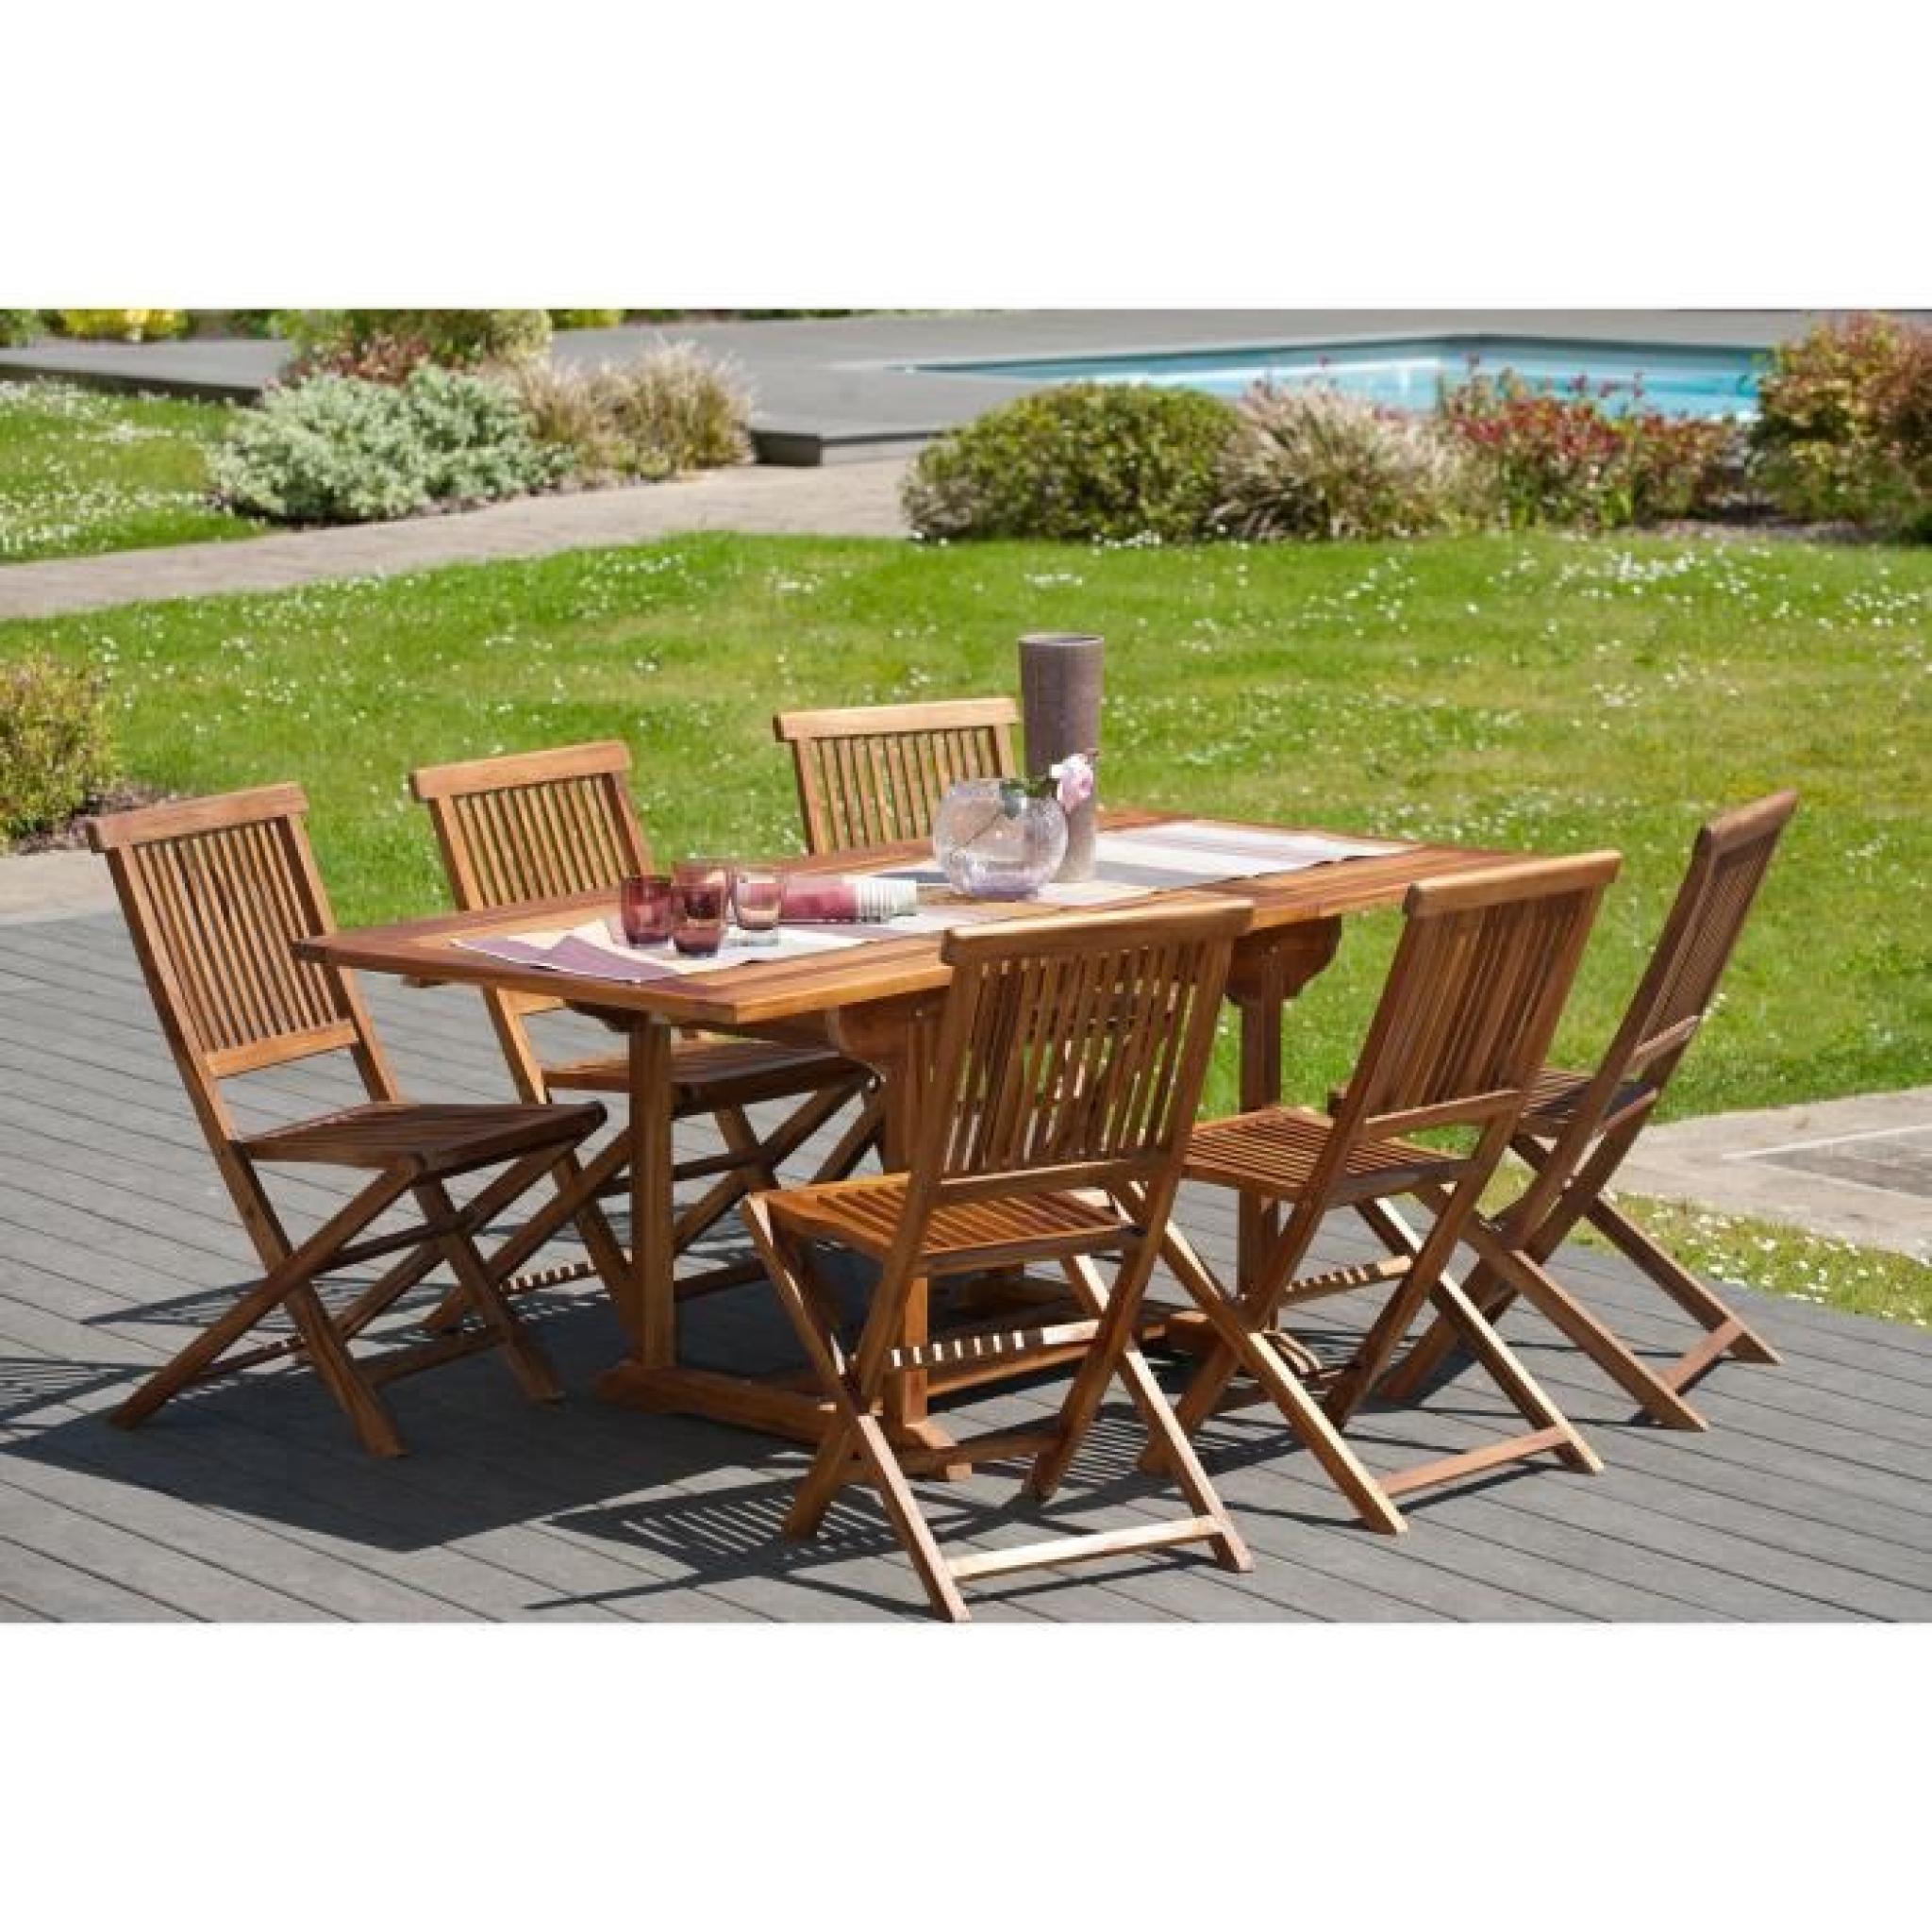 MILO Ensemble de jardin en bois teck huilé 6 places - Table extensible -  Marron